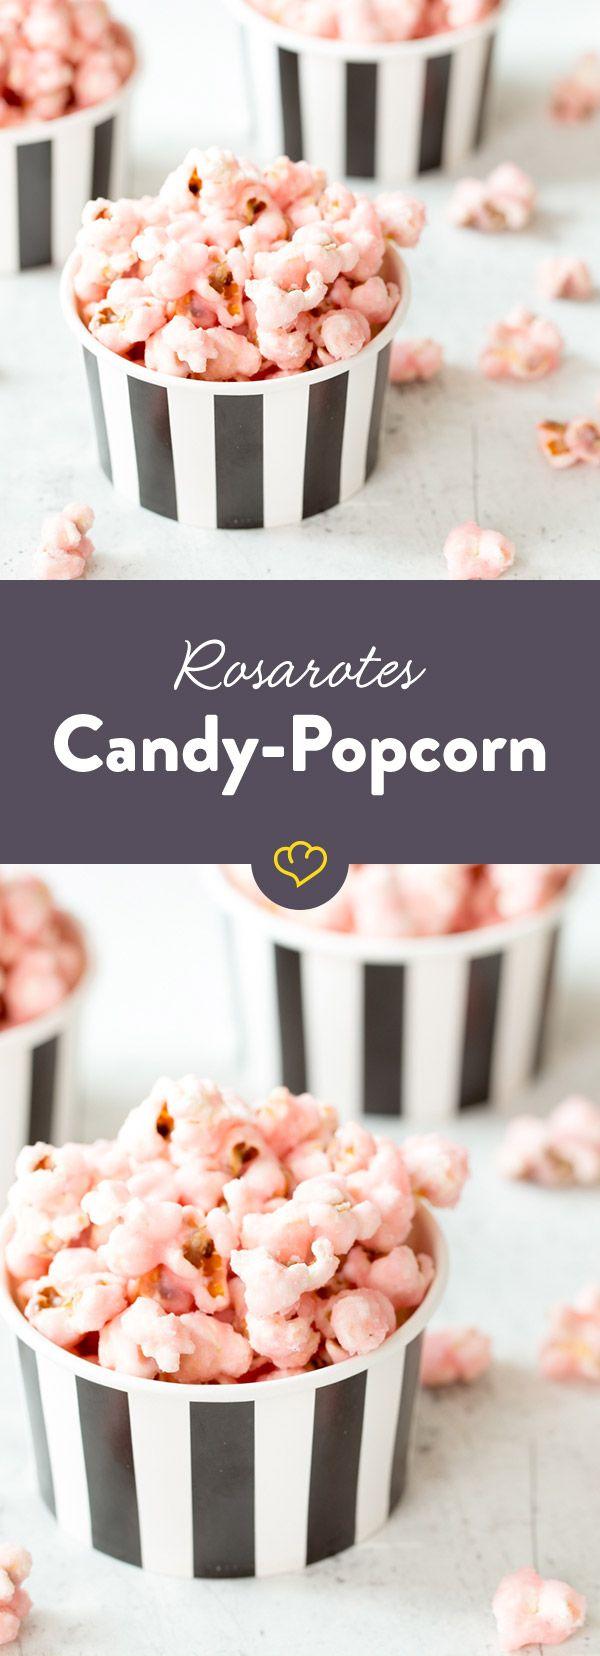 Reichlich Zucker, etwas Kochsahne und ein paar Tropfen rote Lebensmittelfarbe machen aus gewöhnlichem Popcorn einen rosaroten Knabberspaß.